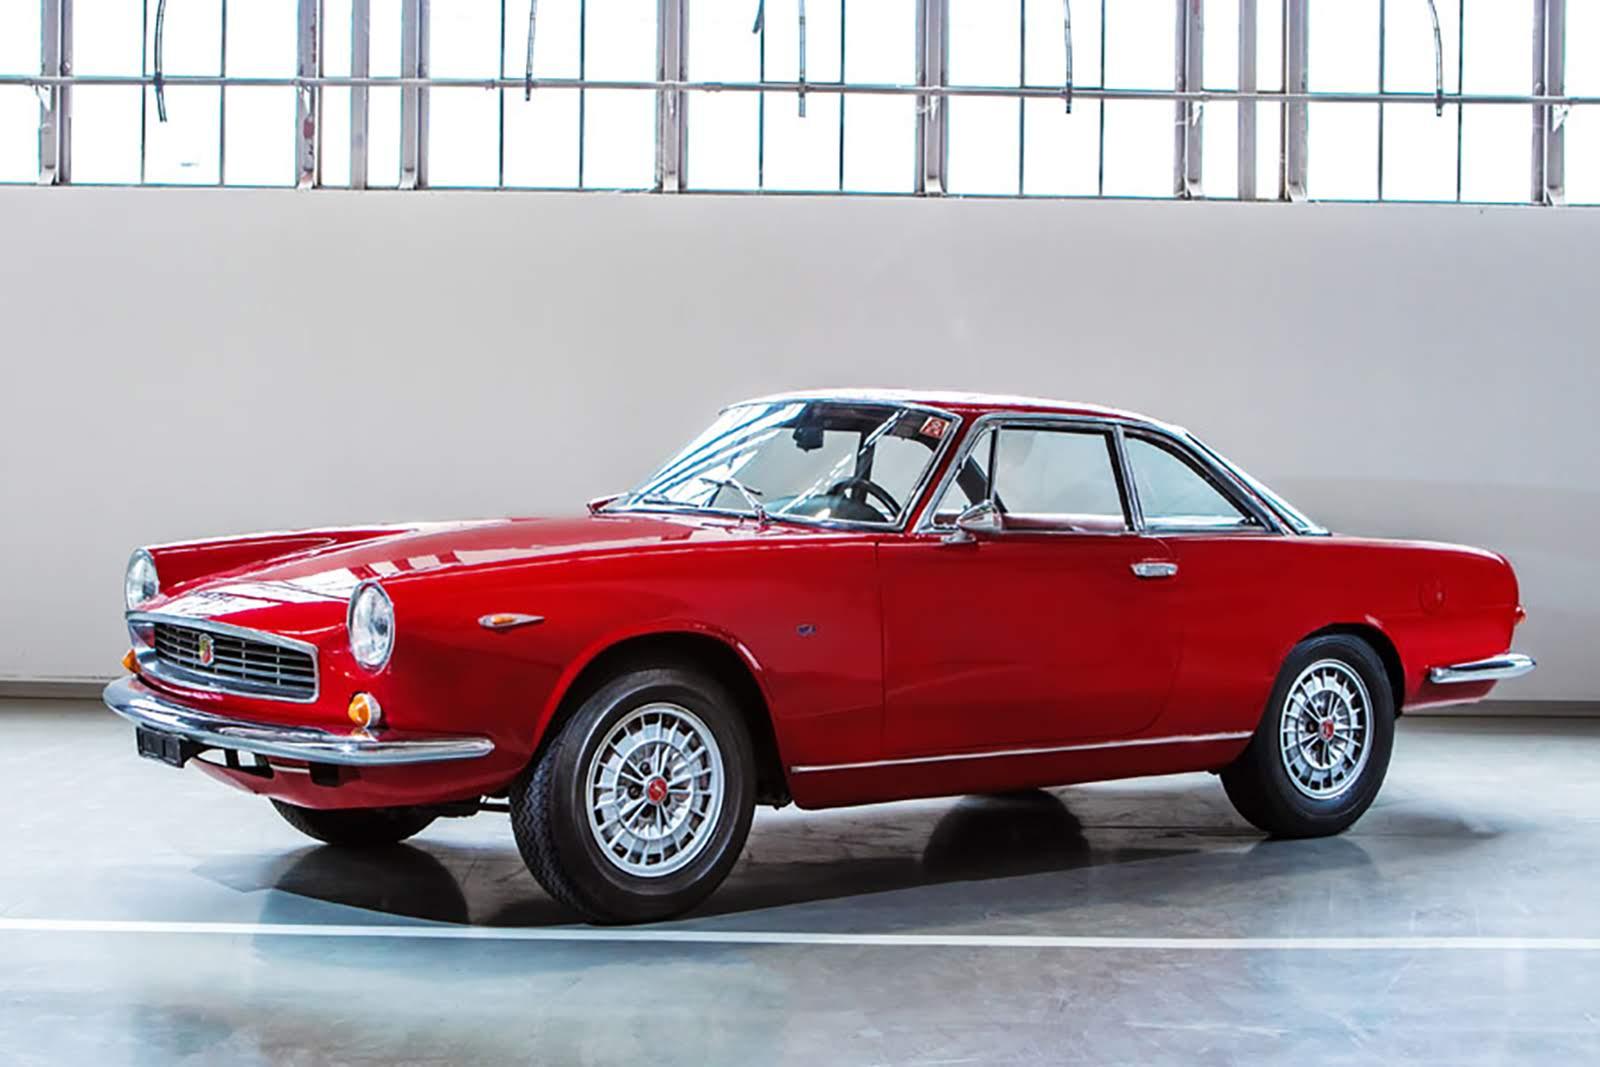 1961 FIAT ABARTH 2400 Coupé Allemano|アバルトの歴史を刻んだモデル No.041